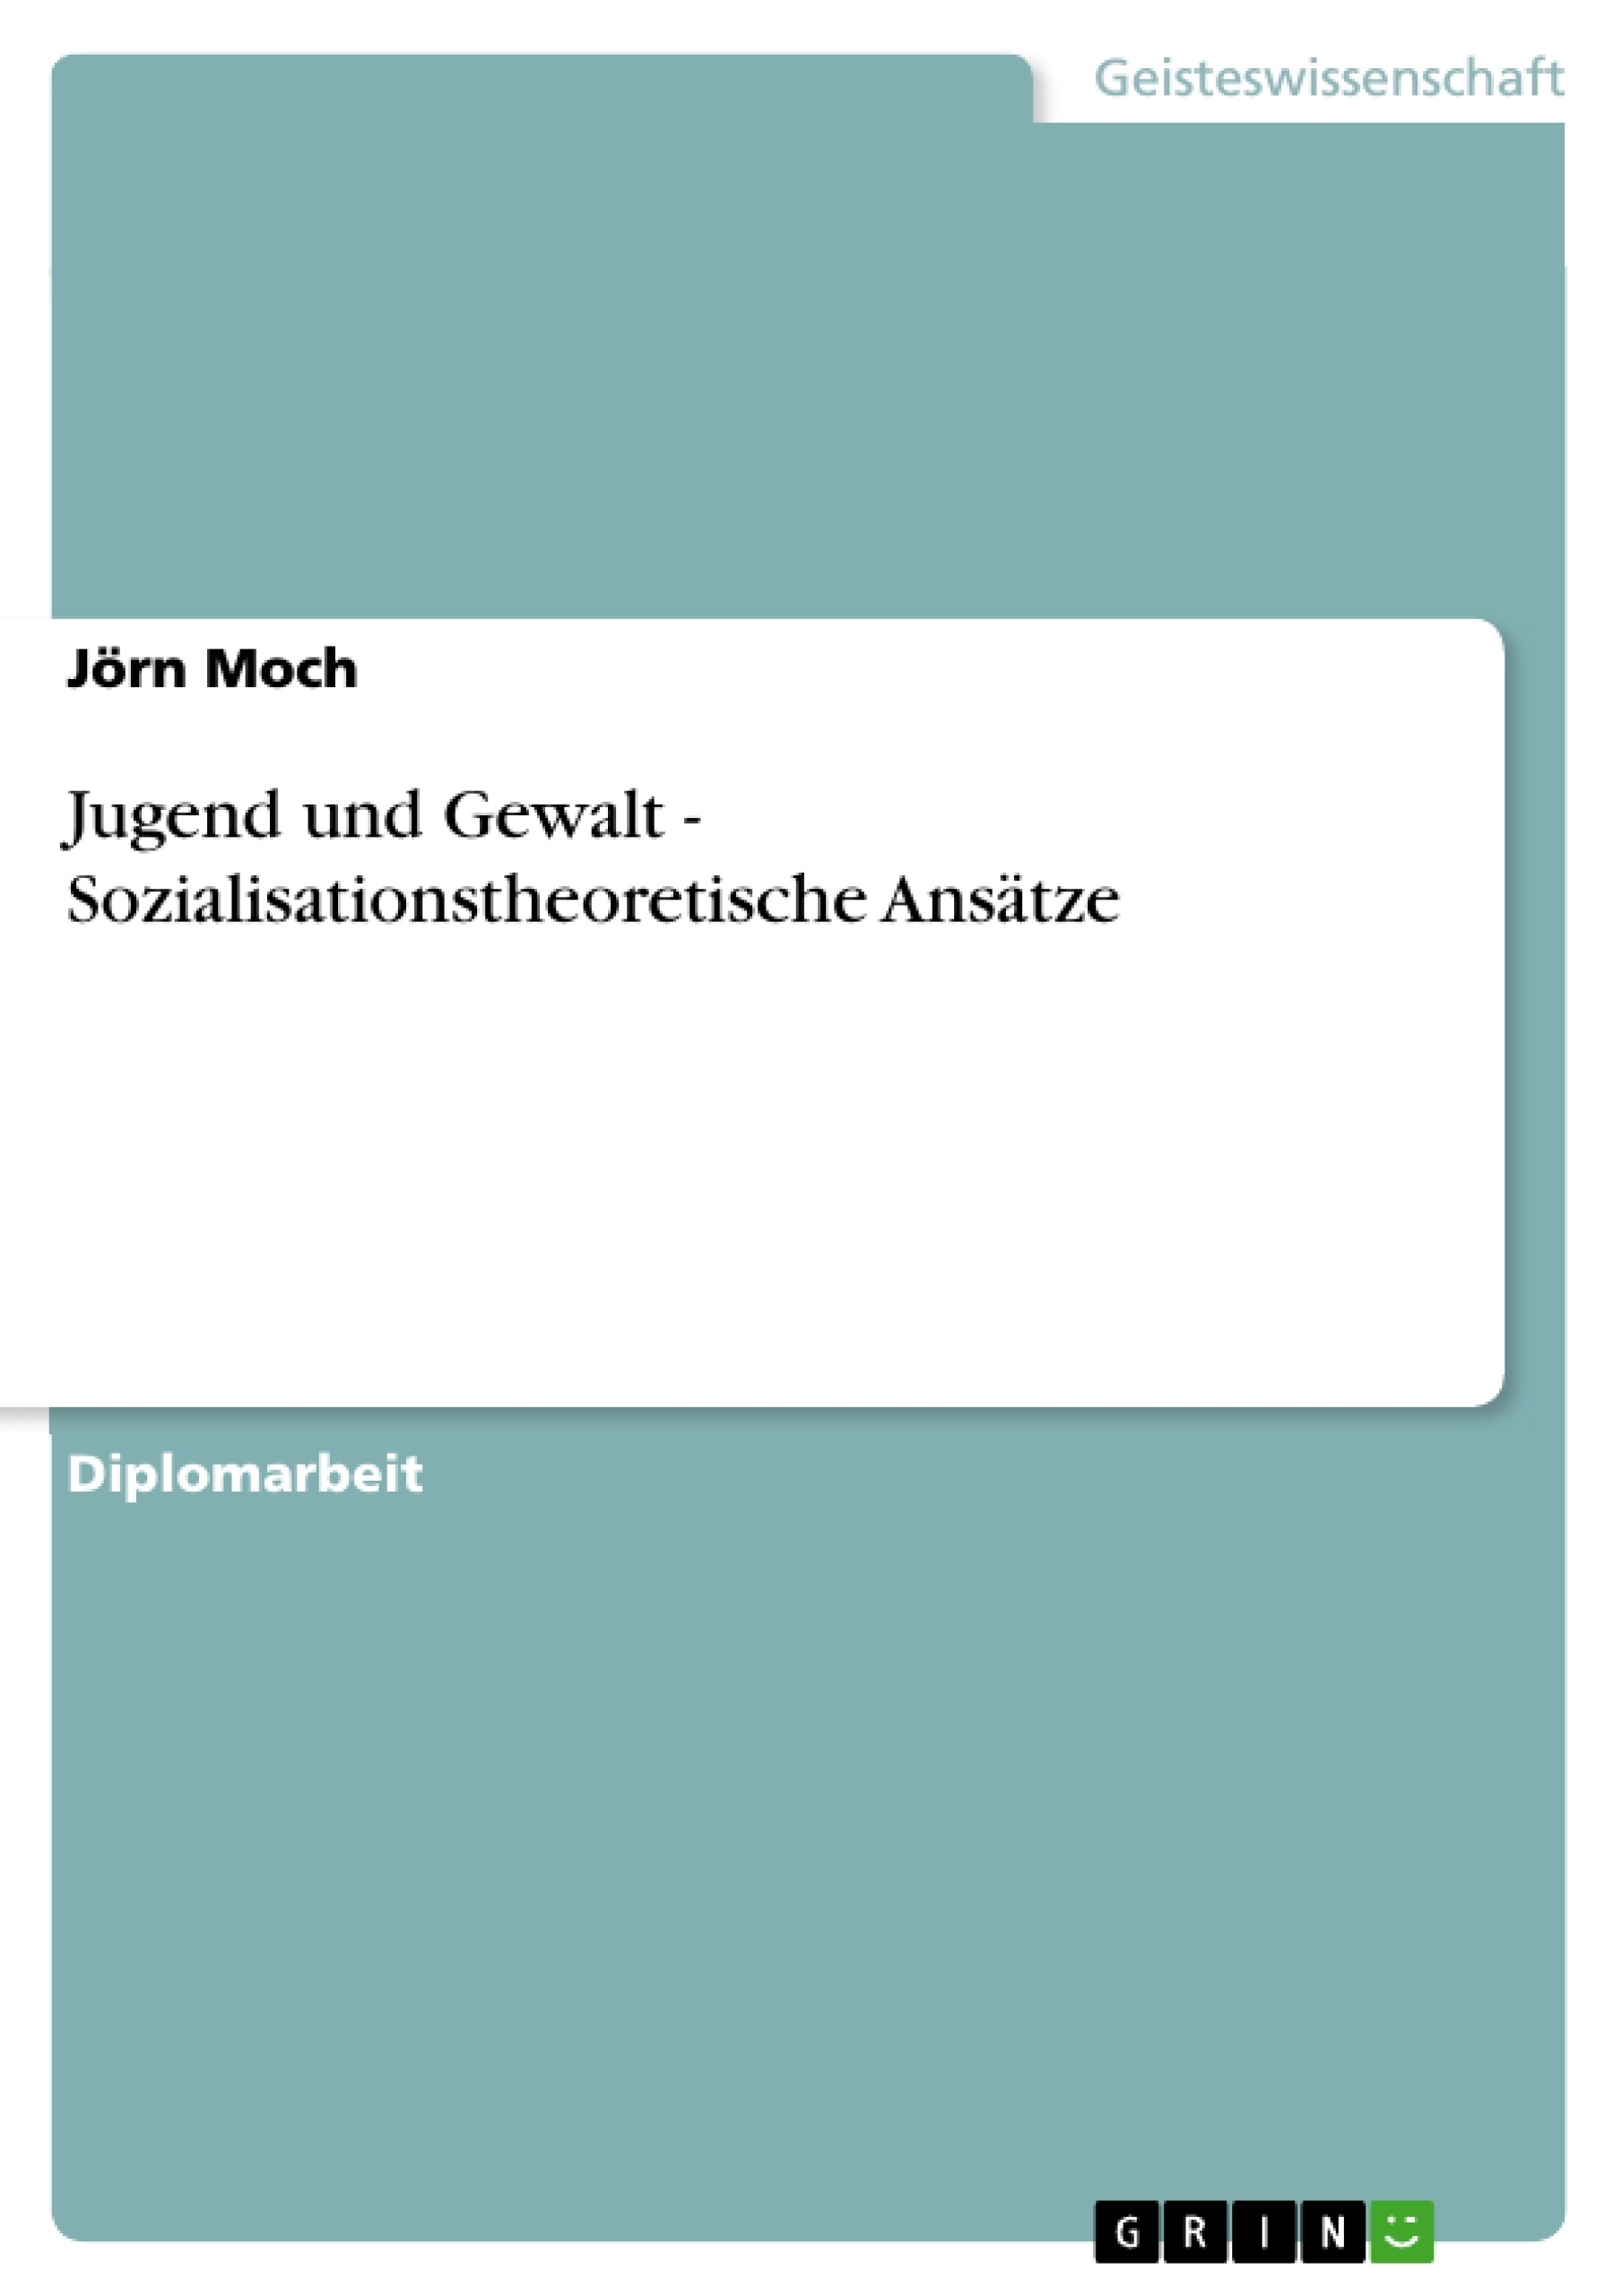 Titel: Jugend und Gewalt - Sozialisationstheoretische Ansätze